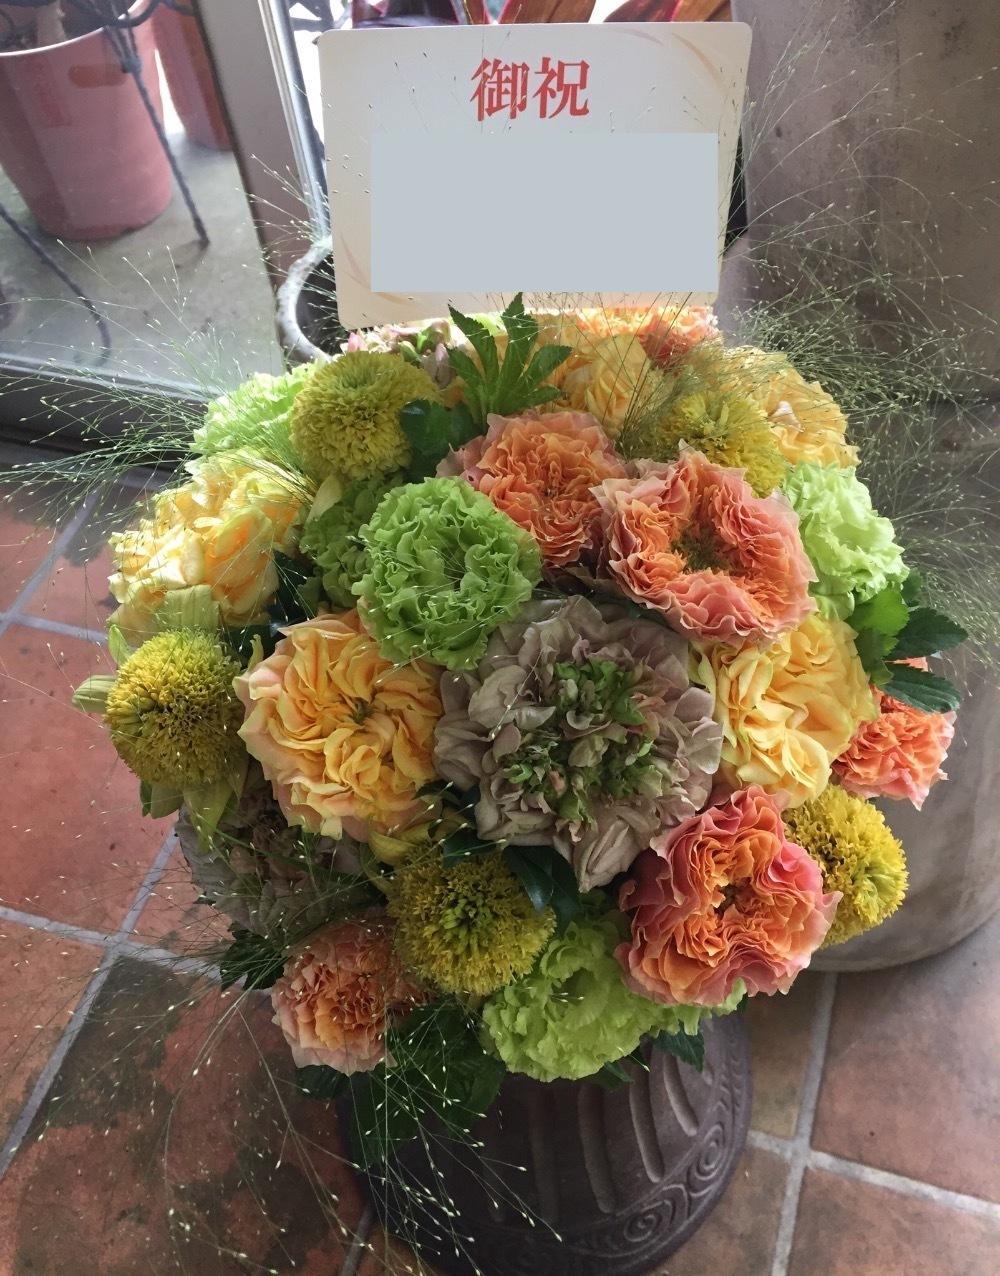 ベトナム料理店のモダンな開店祝い花